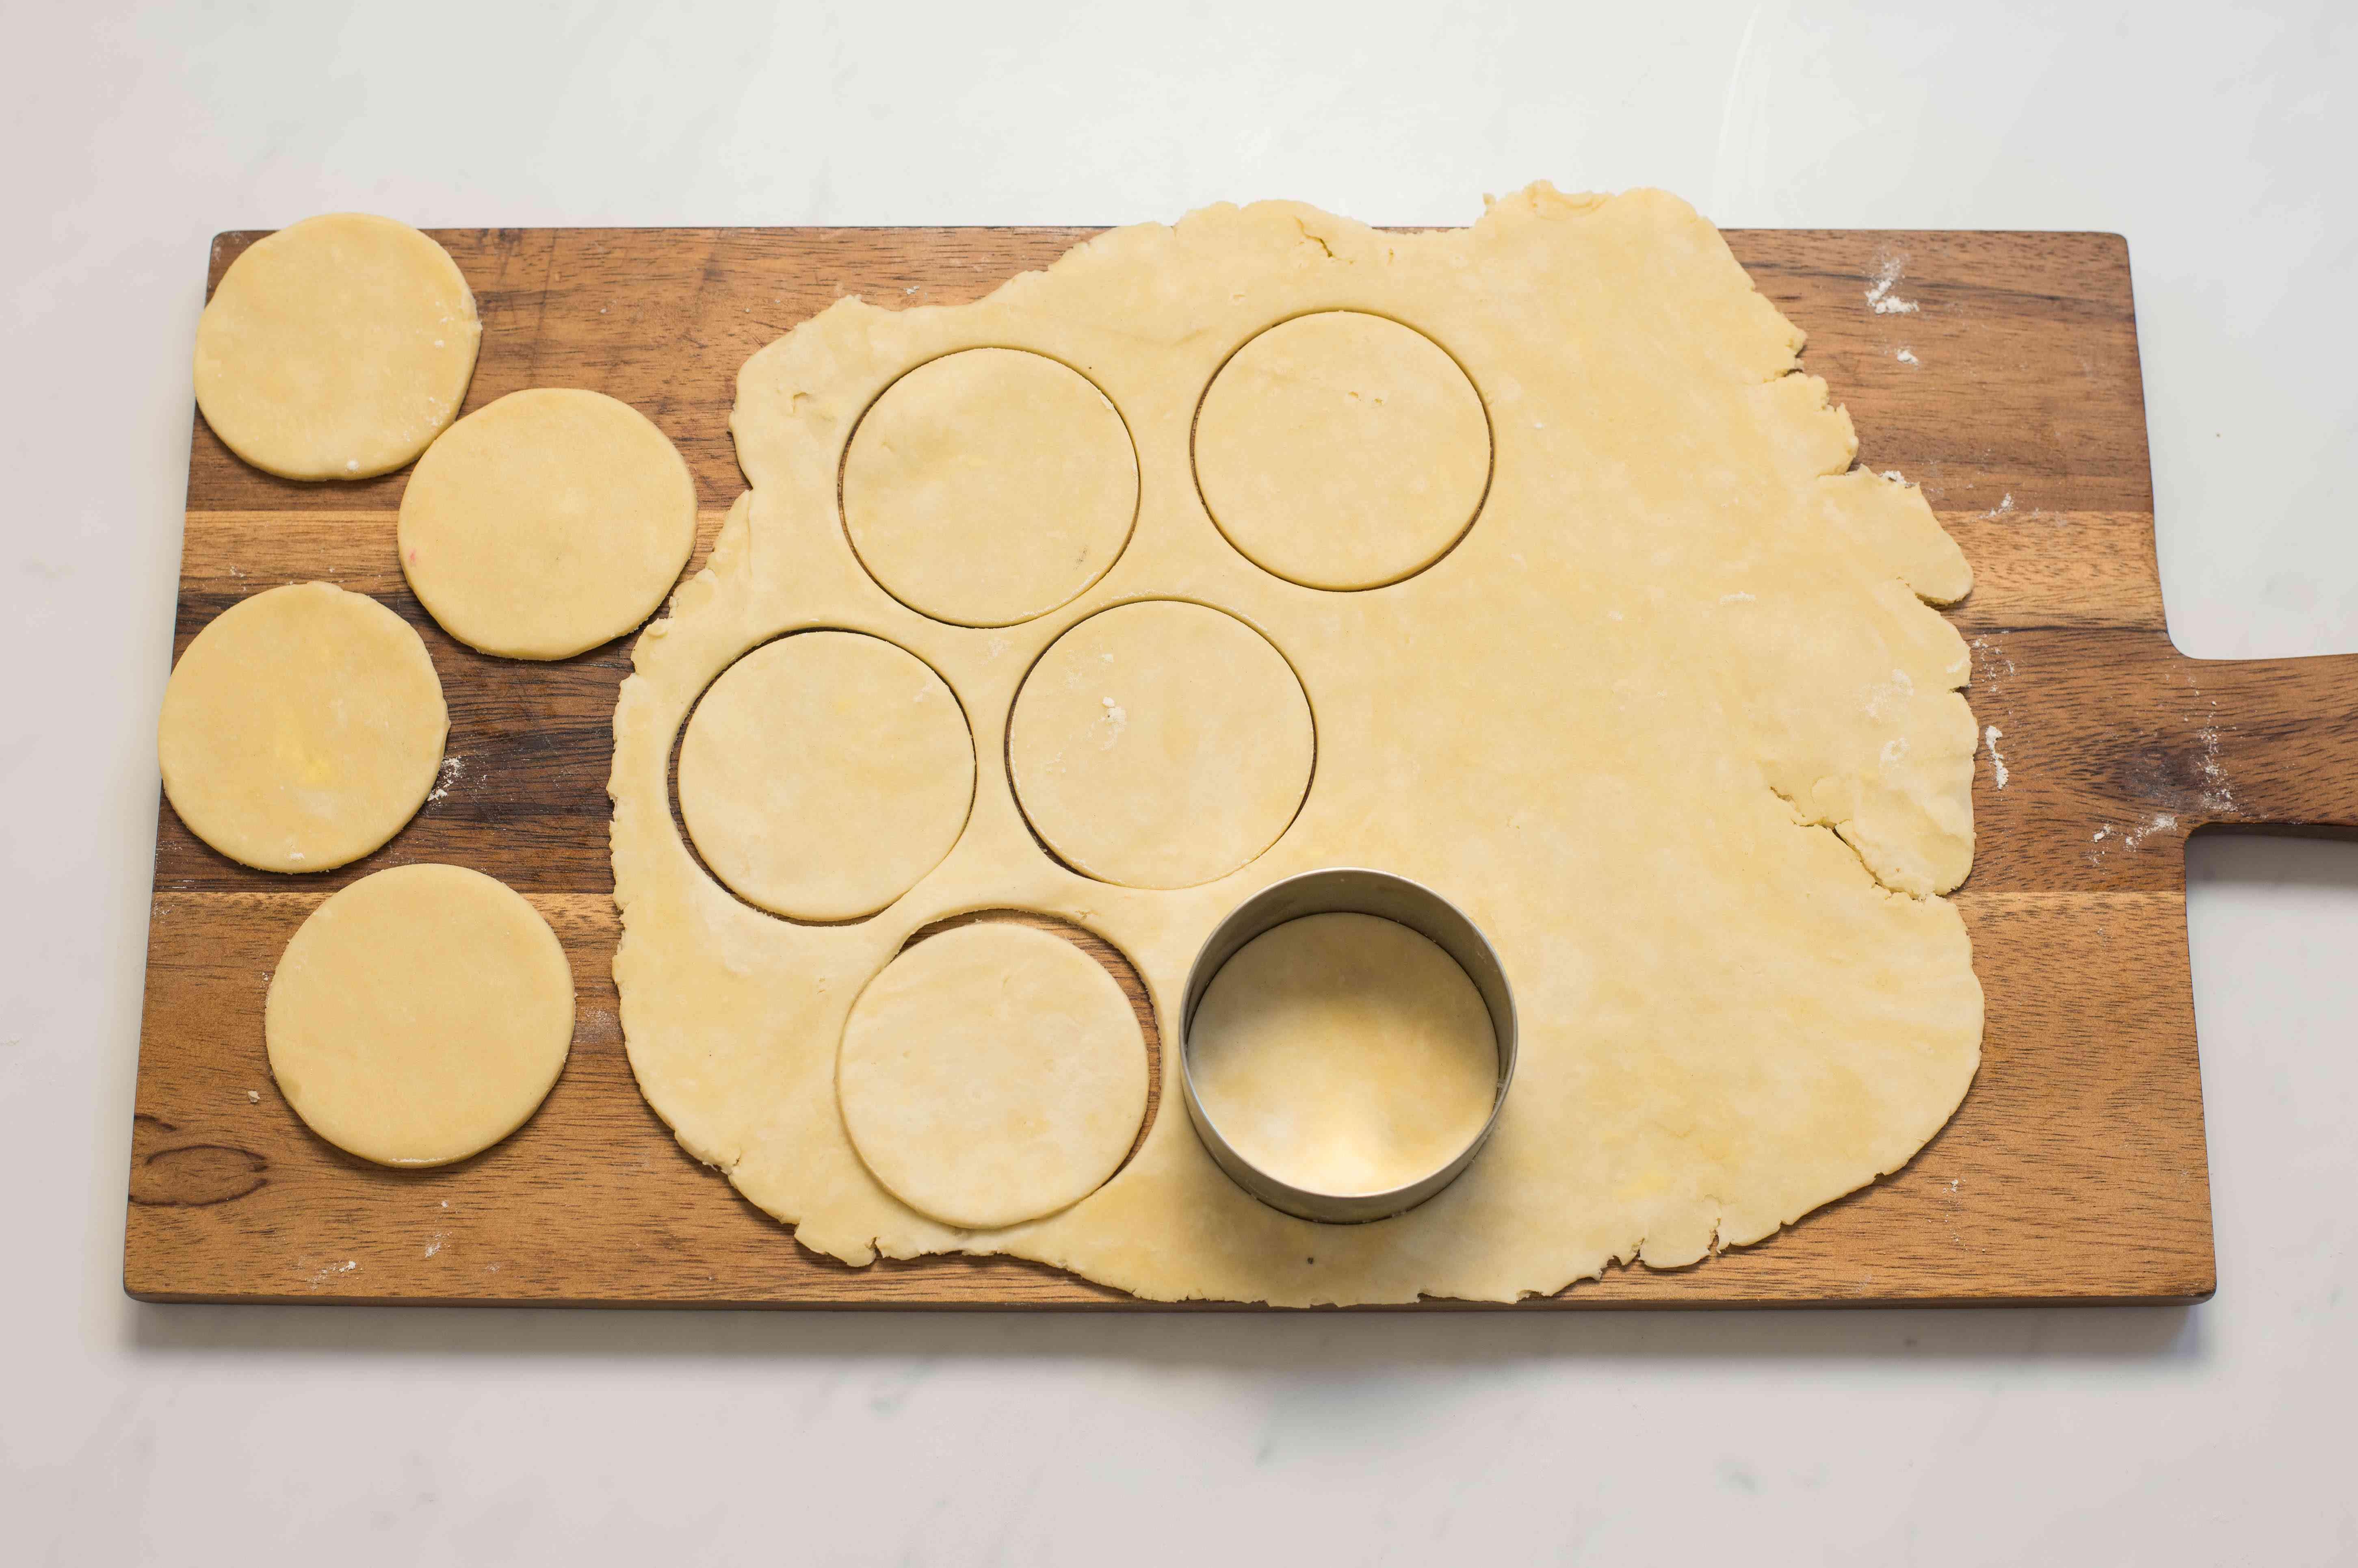 Circles in dough